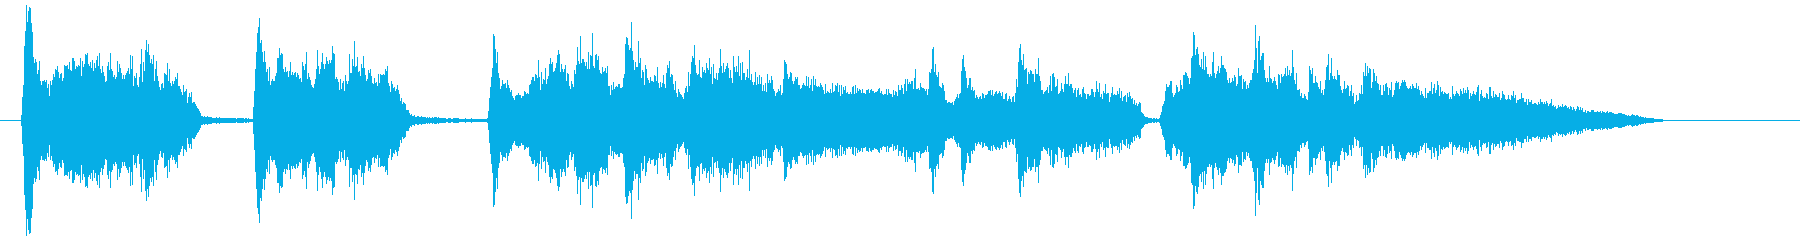 英詞、中低音が耳ごごち良い短いアカペラの再生済みの波形